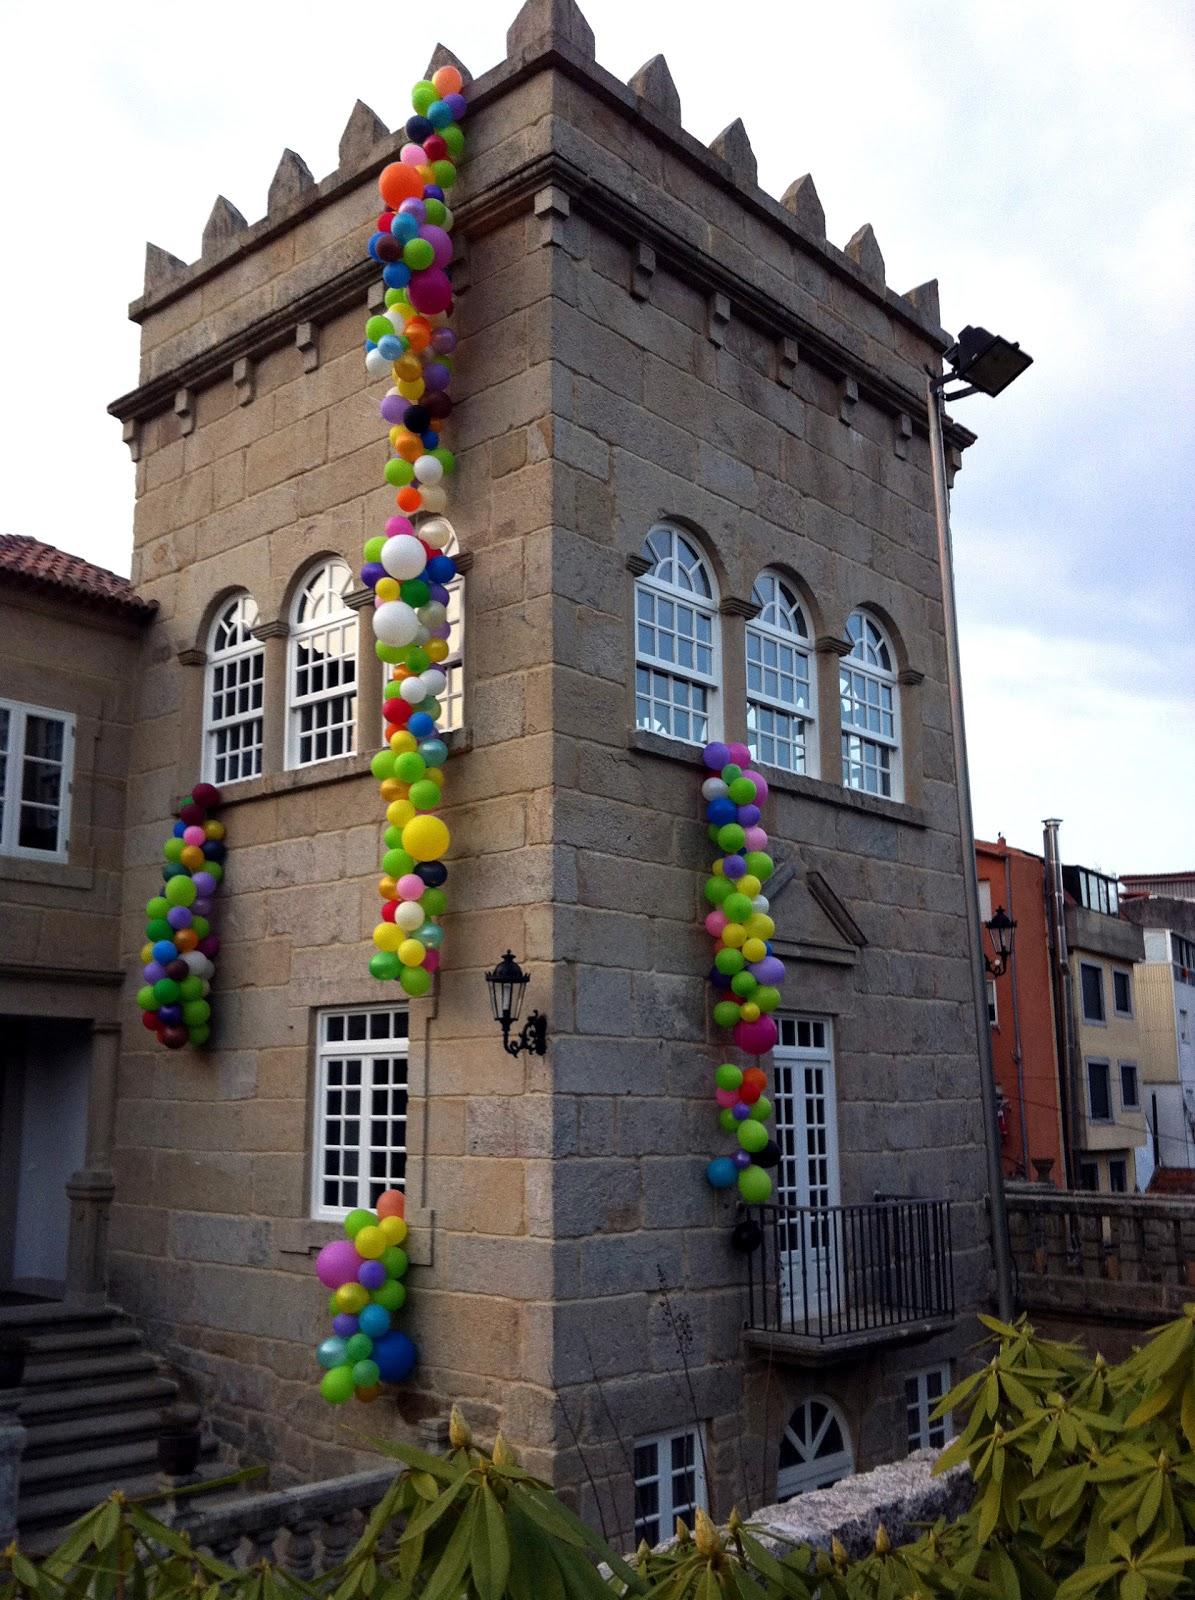 esta es la torre con las guirnaldas de globos